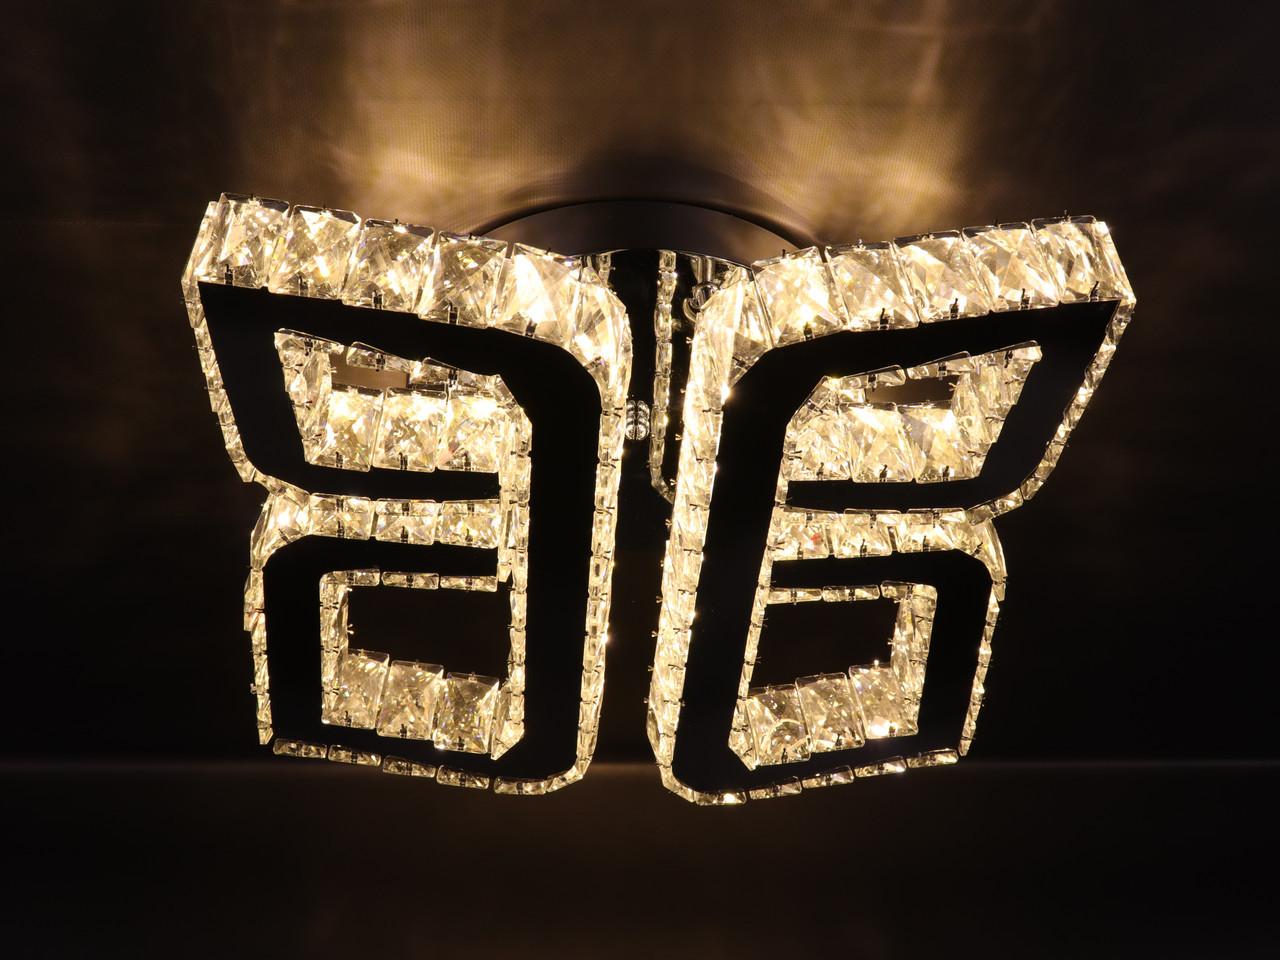 Люстра потолочная хрустальная LED с пультом C1877/400 Хром 17х40х40 см.